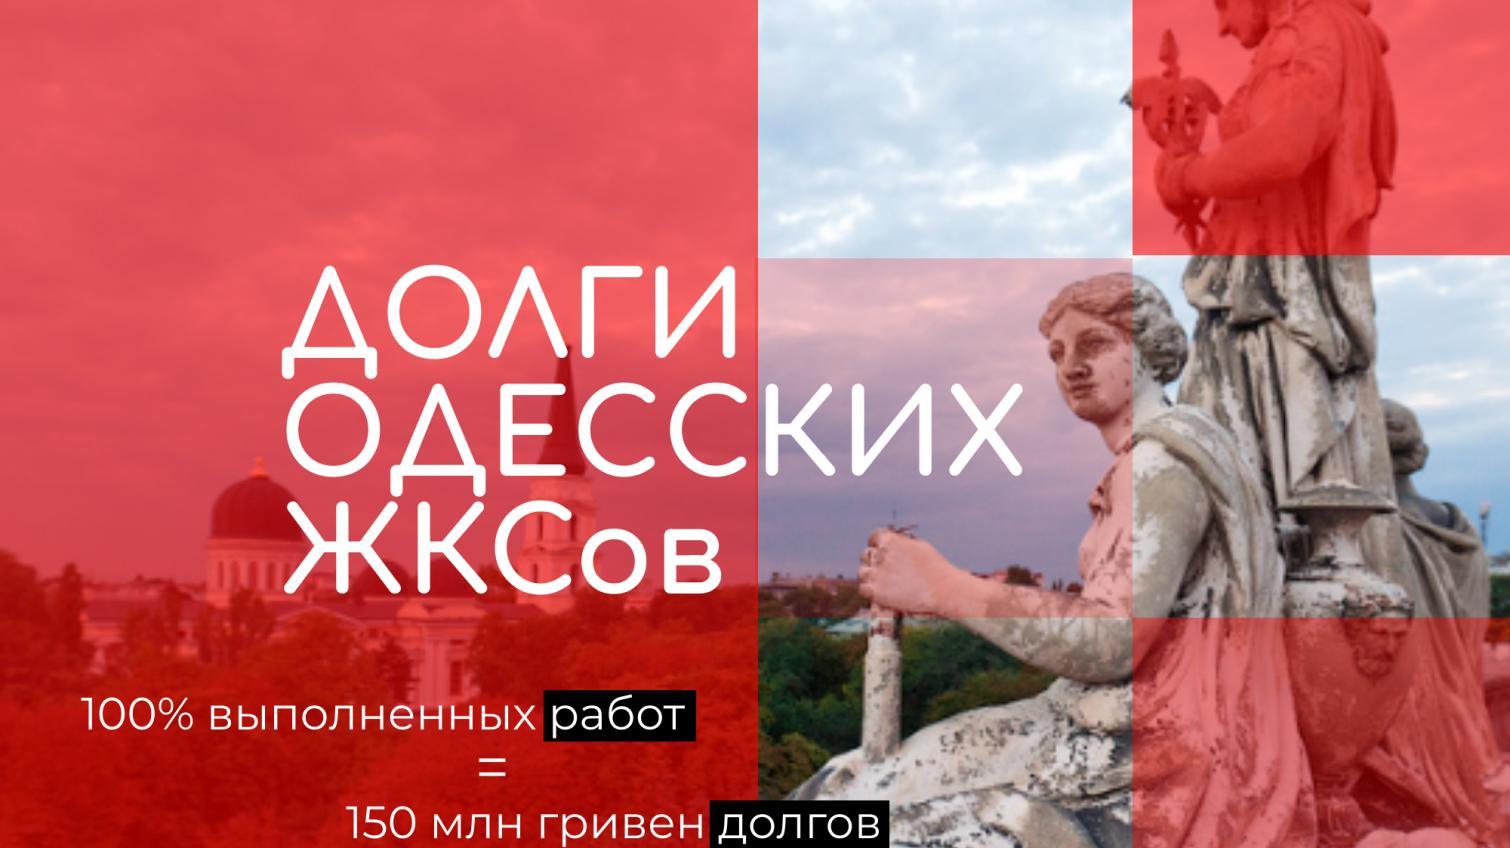 Одесские ЖКСы выполнили 100% работ и погрязли в долгах на сотни миллионов гривен (инфографика) «фото»